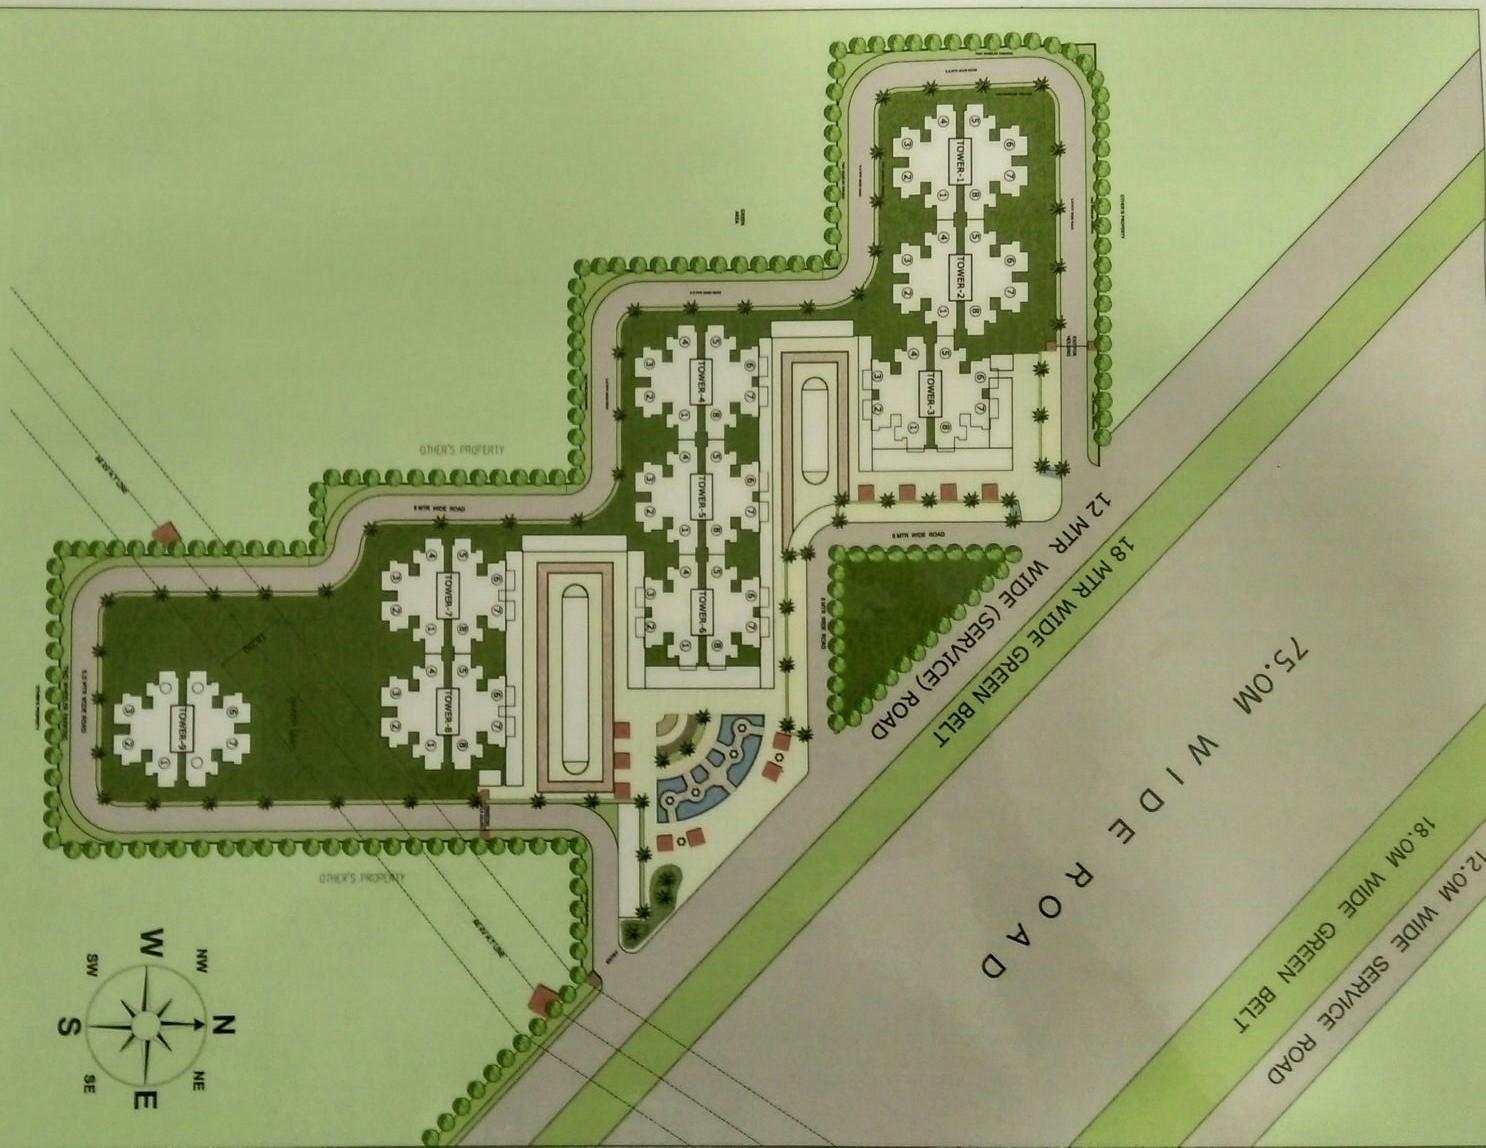 Pivotal Ridhi Sidhi Layout Plan